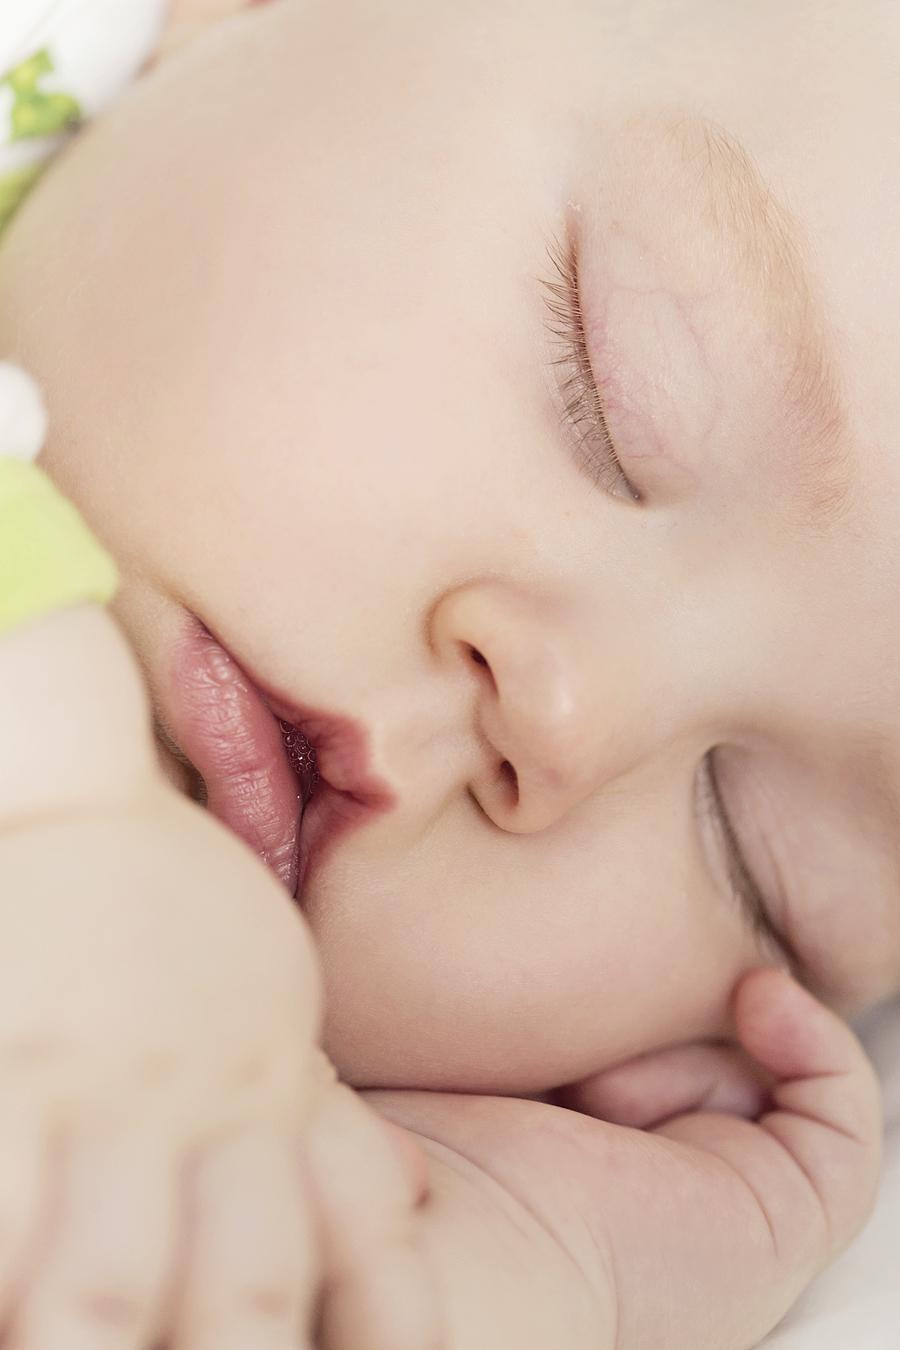 mammablogg-blogg-2015-baby-6mndr-loanemanuel-_02